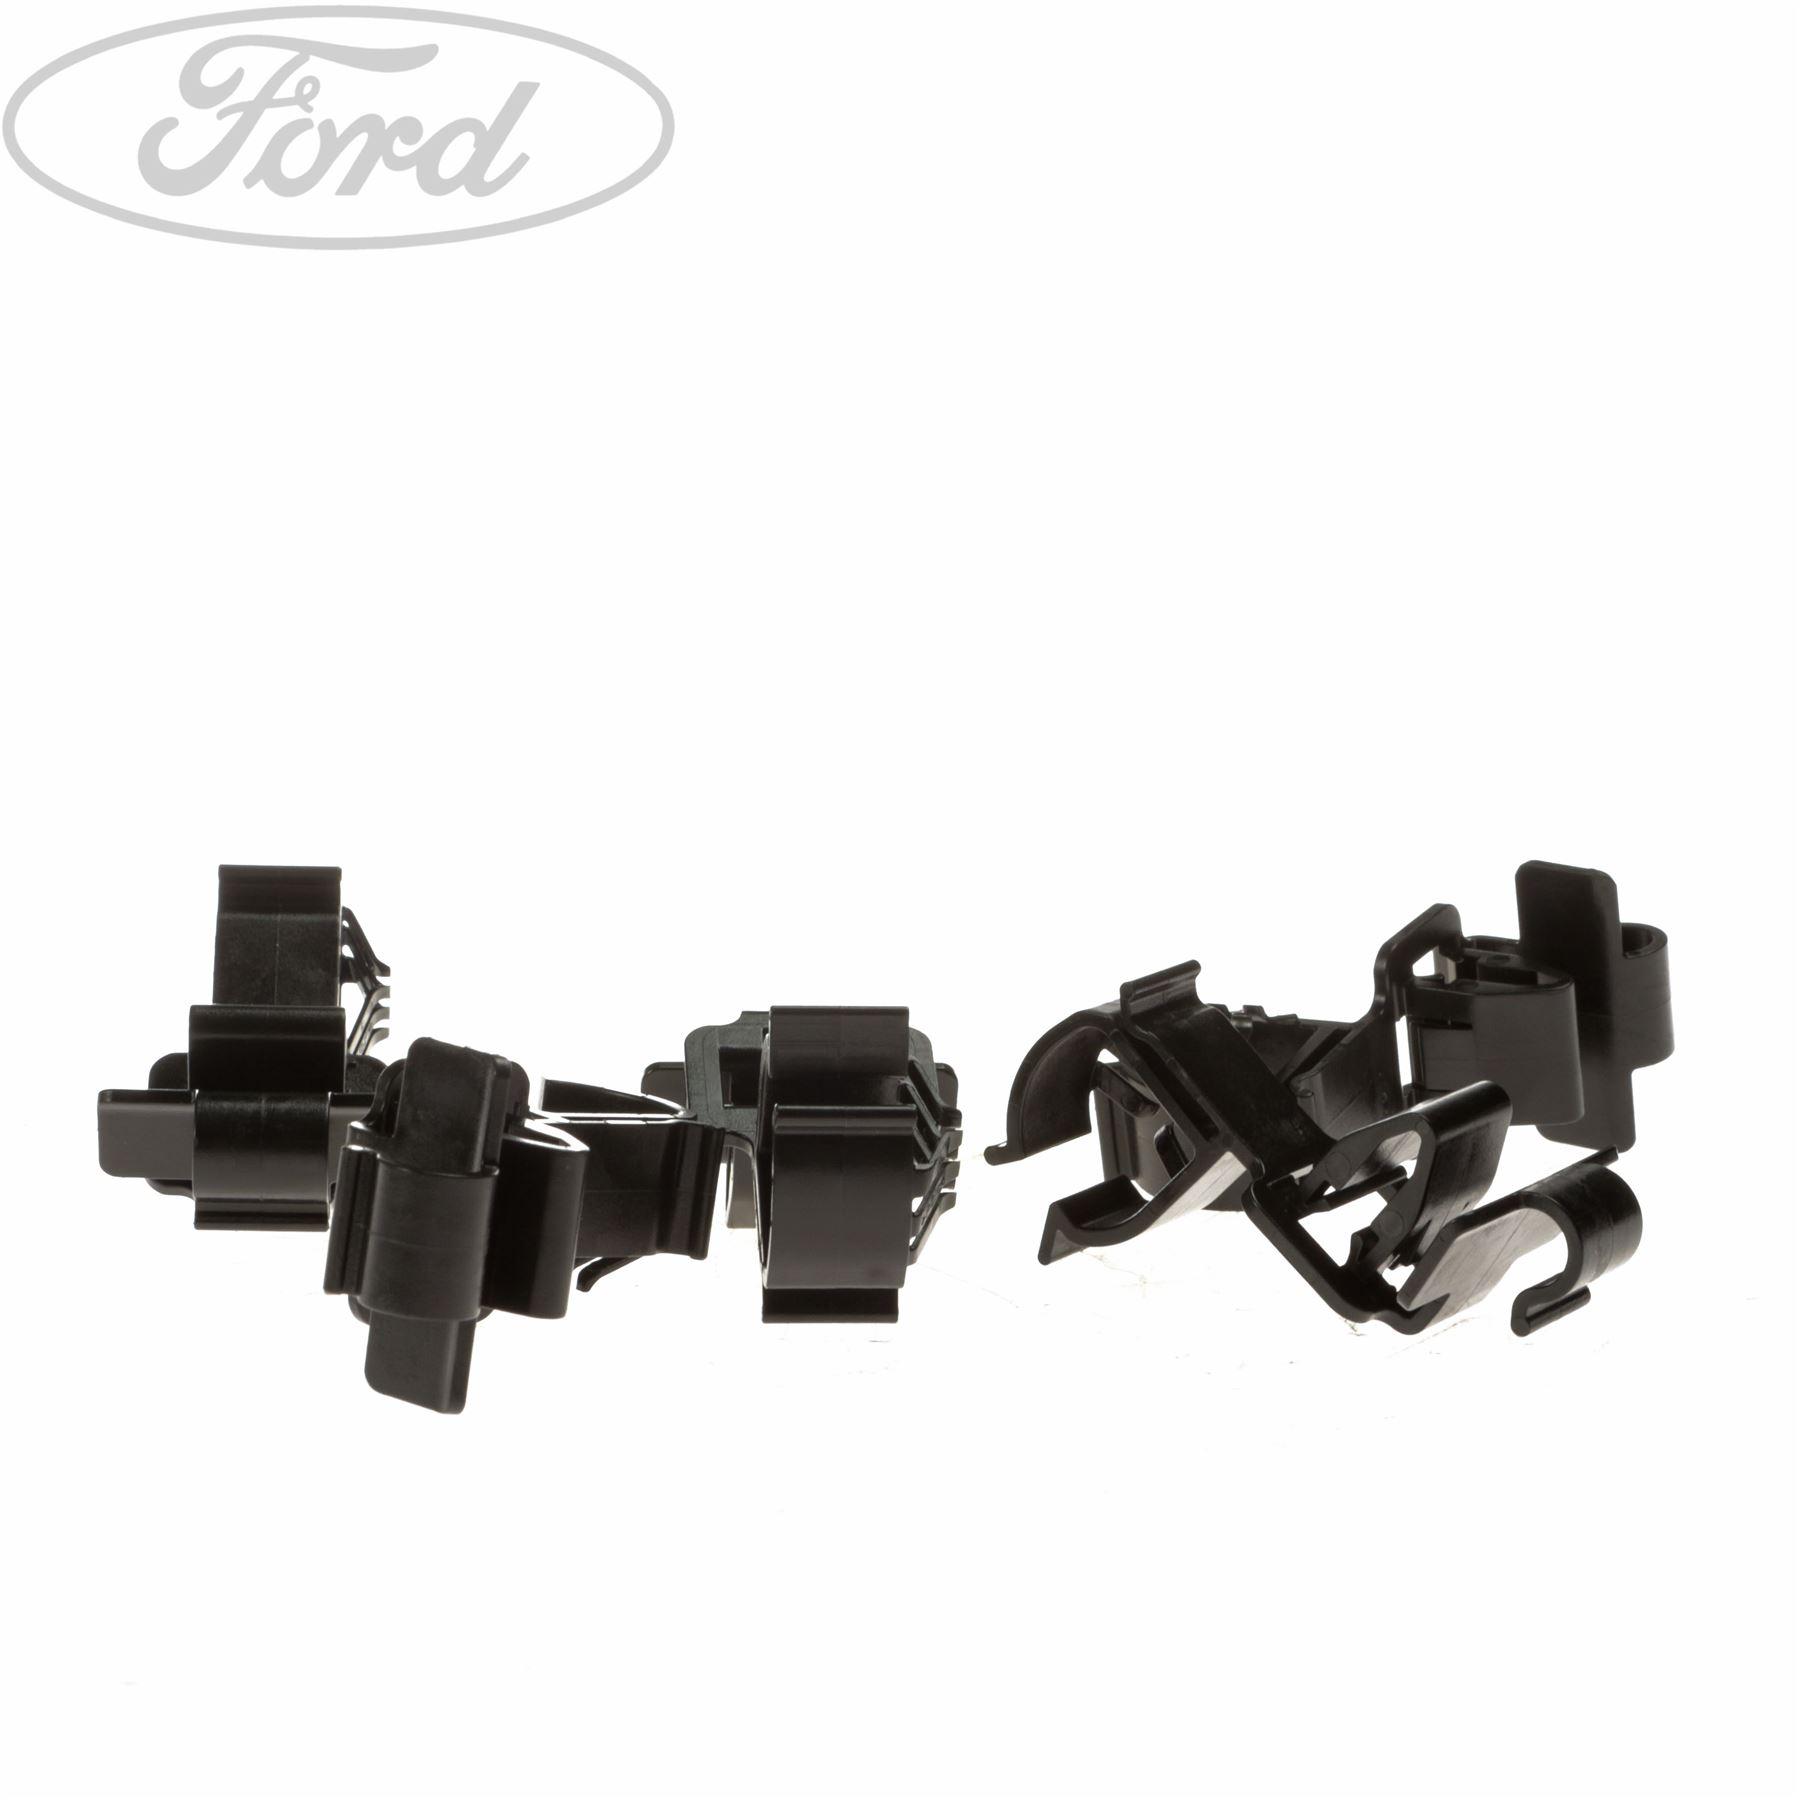 Genuine Ford Side Trim Wiring A Pillar Clip X5 1690698 Ebay Automotive Clips